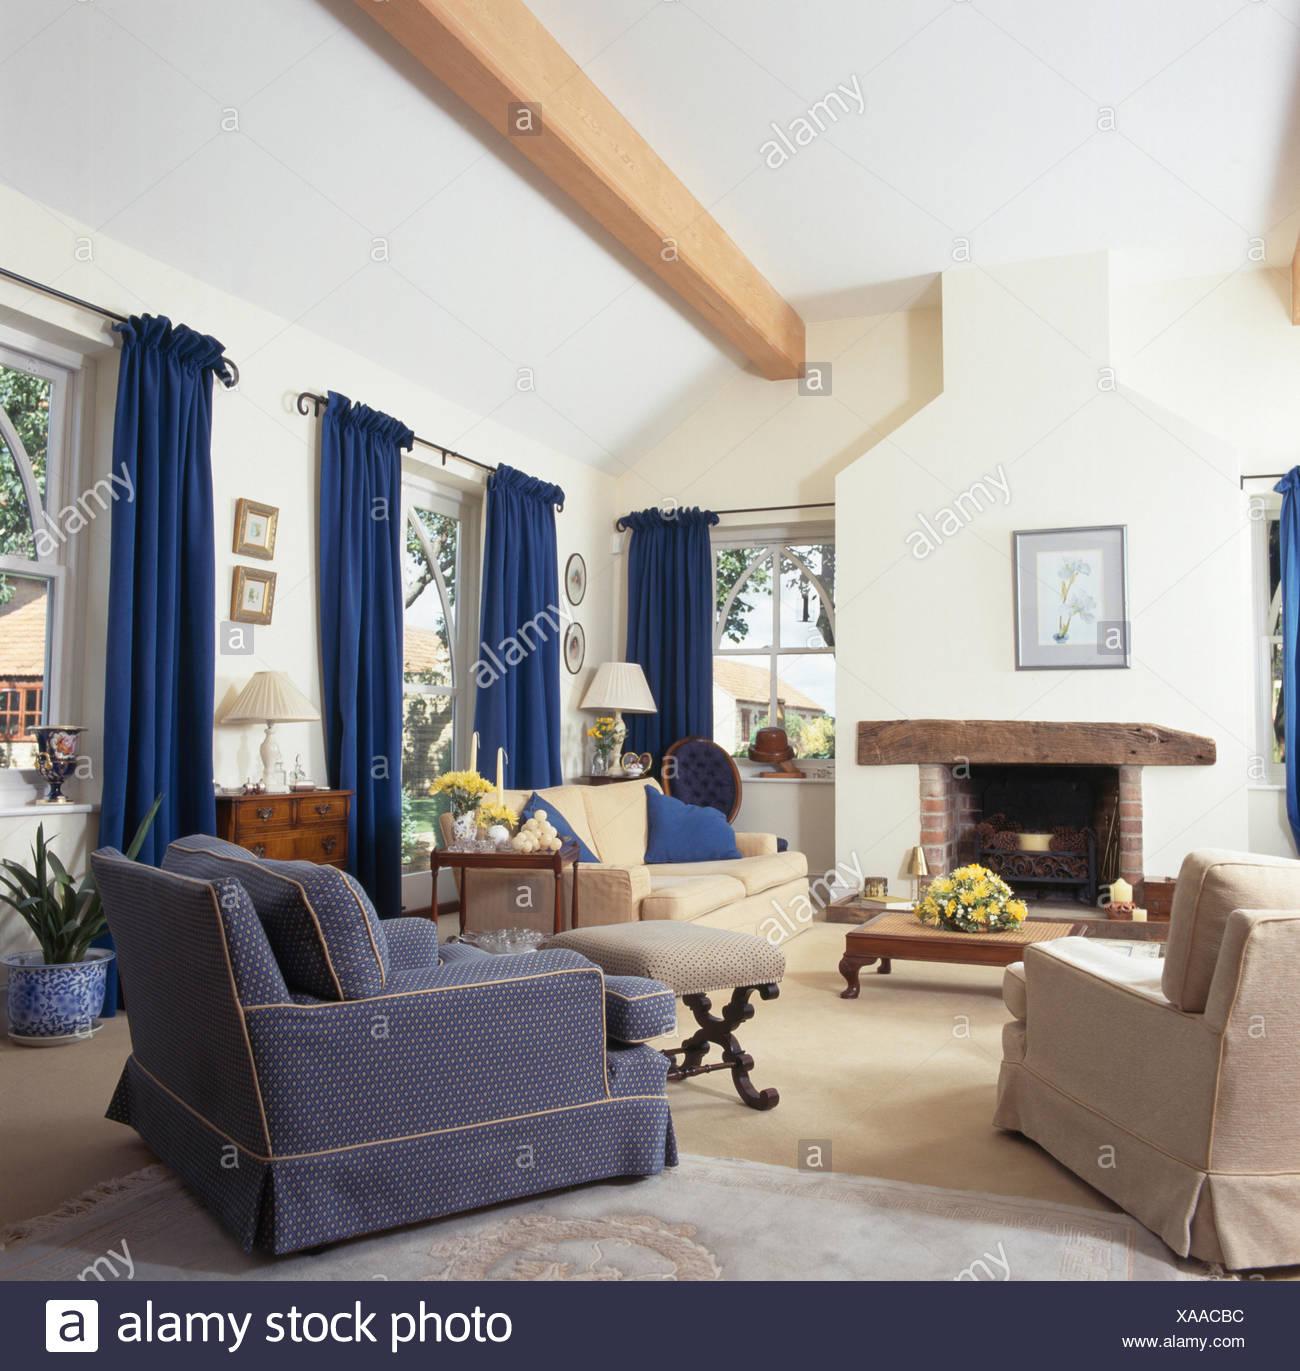 Sessel Blau Und Creme Und Sahne Sofa Gesetzt Um Den Kamin Im Wohnzimmer Erweiterung  Mit Blauen Vorhängen Im Fenster